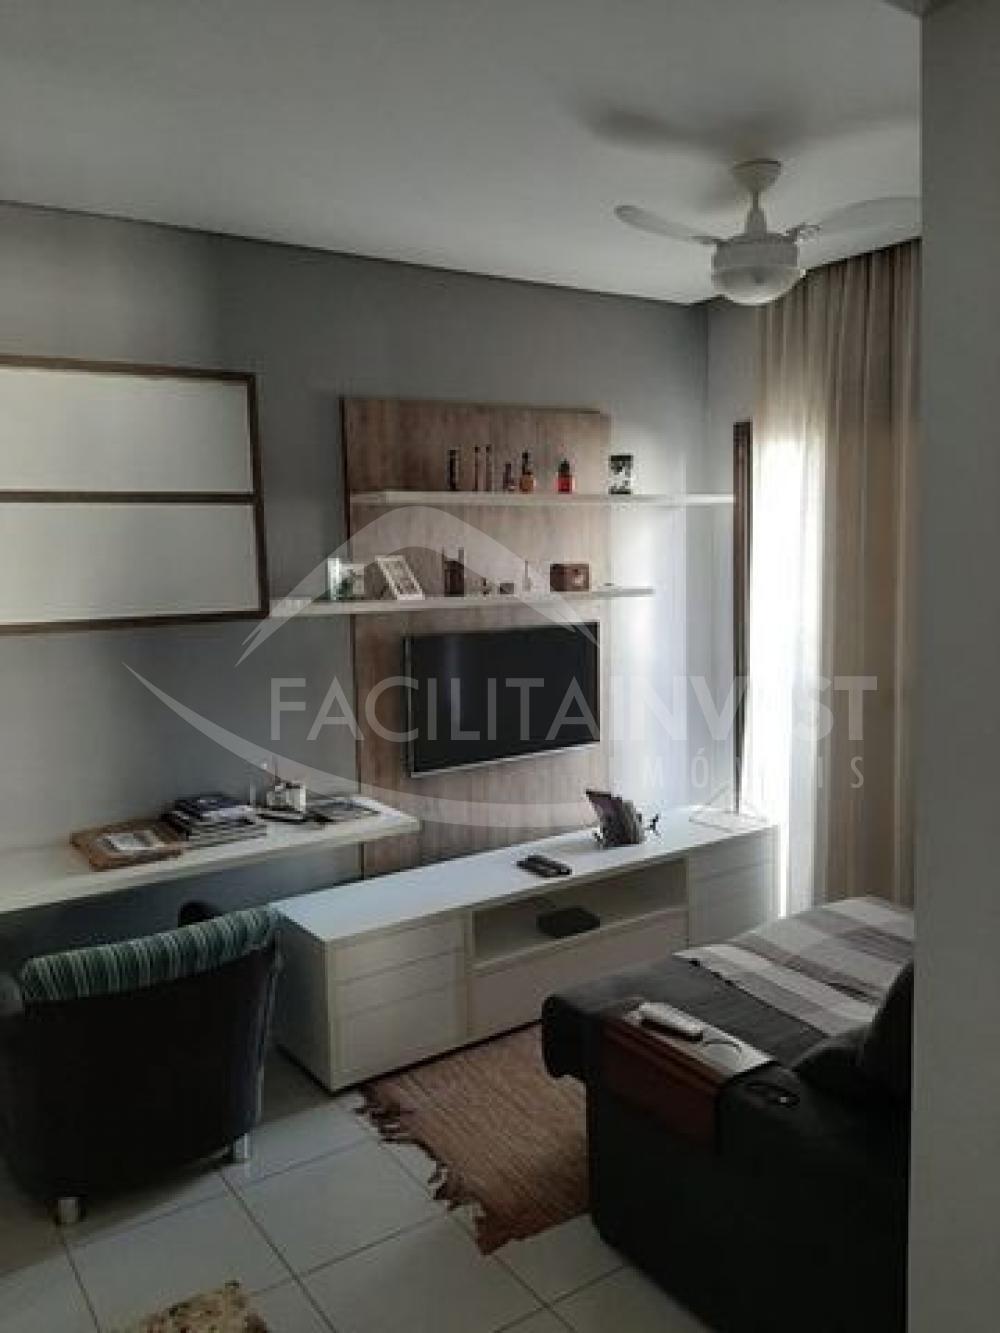 Alugar Apartamentos / Apartamento Mobiliado em Ribeirão Preto apenas R$ 1.400,00 - Foto 3